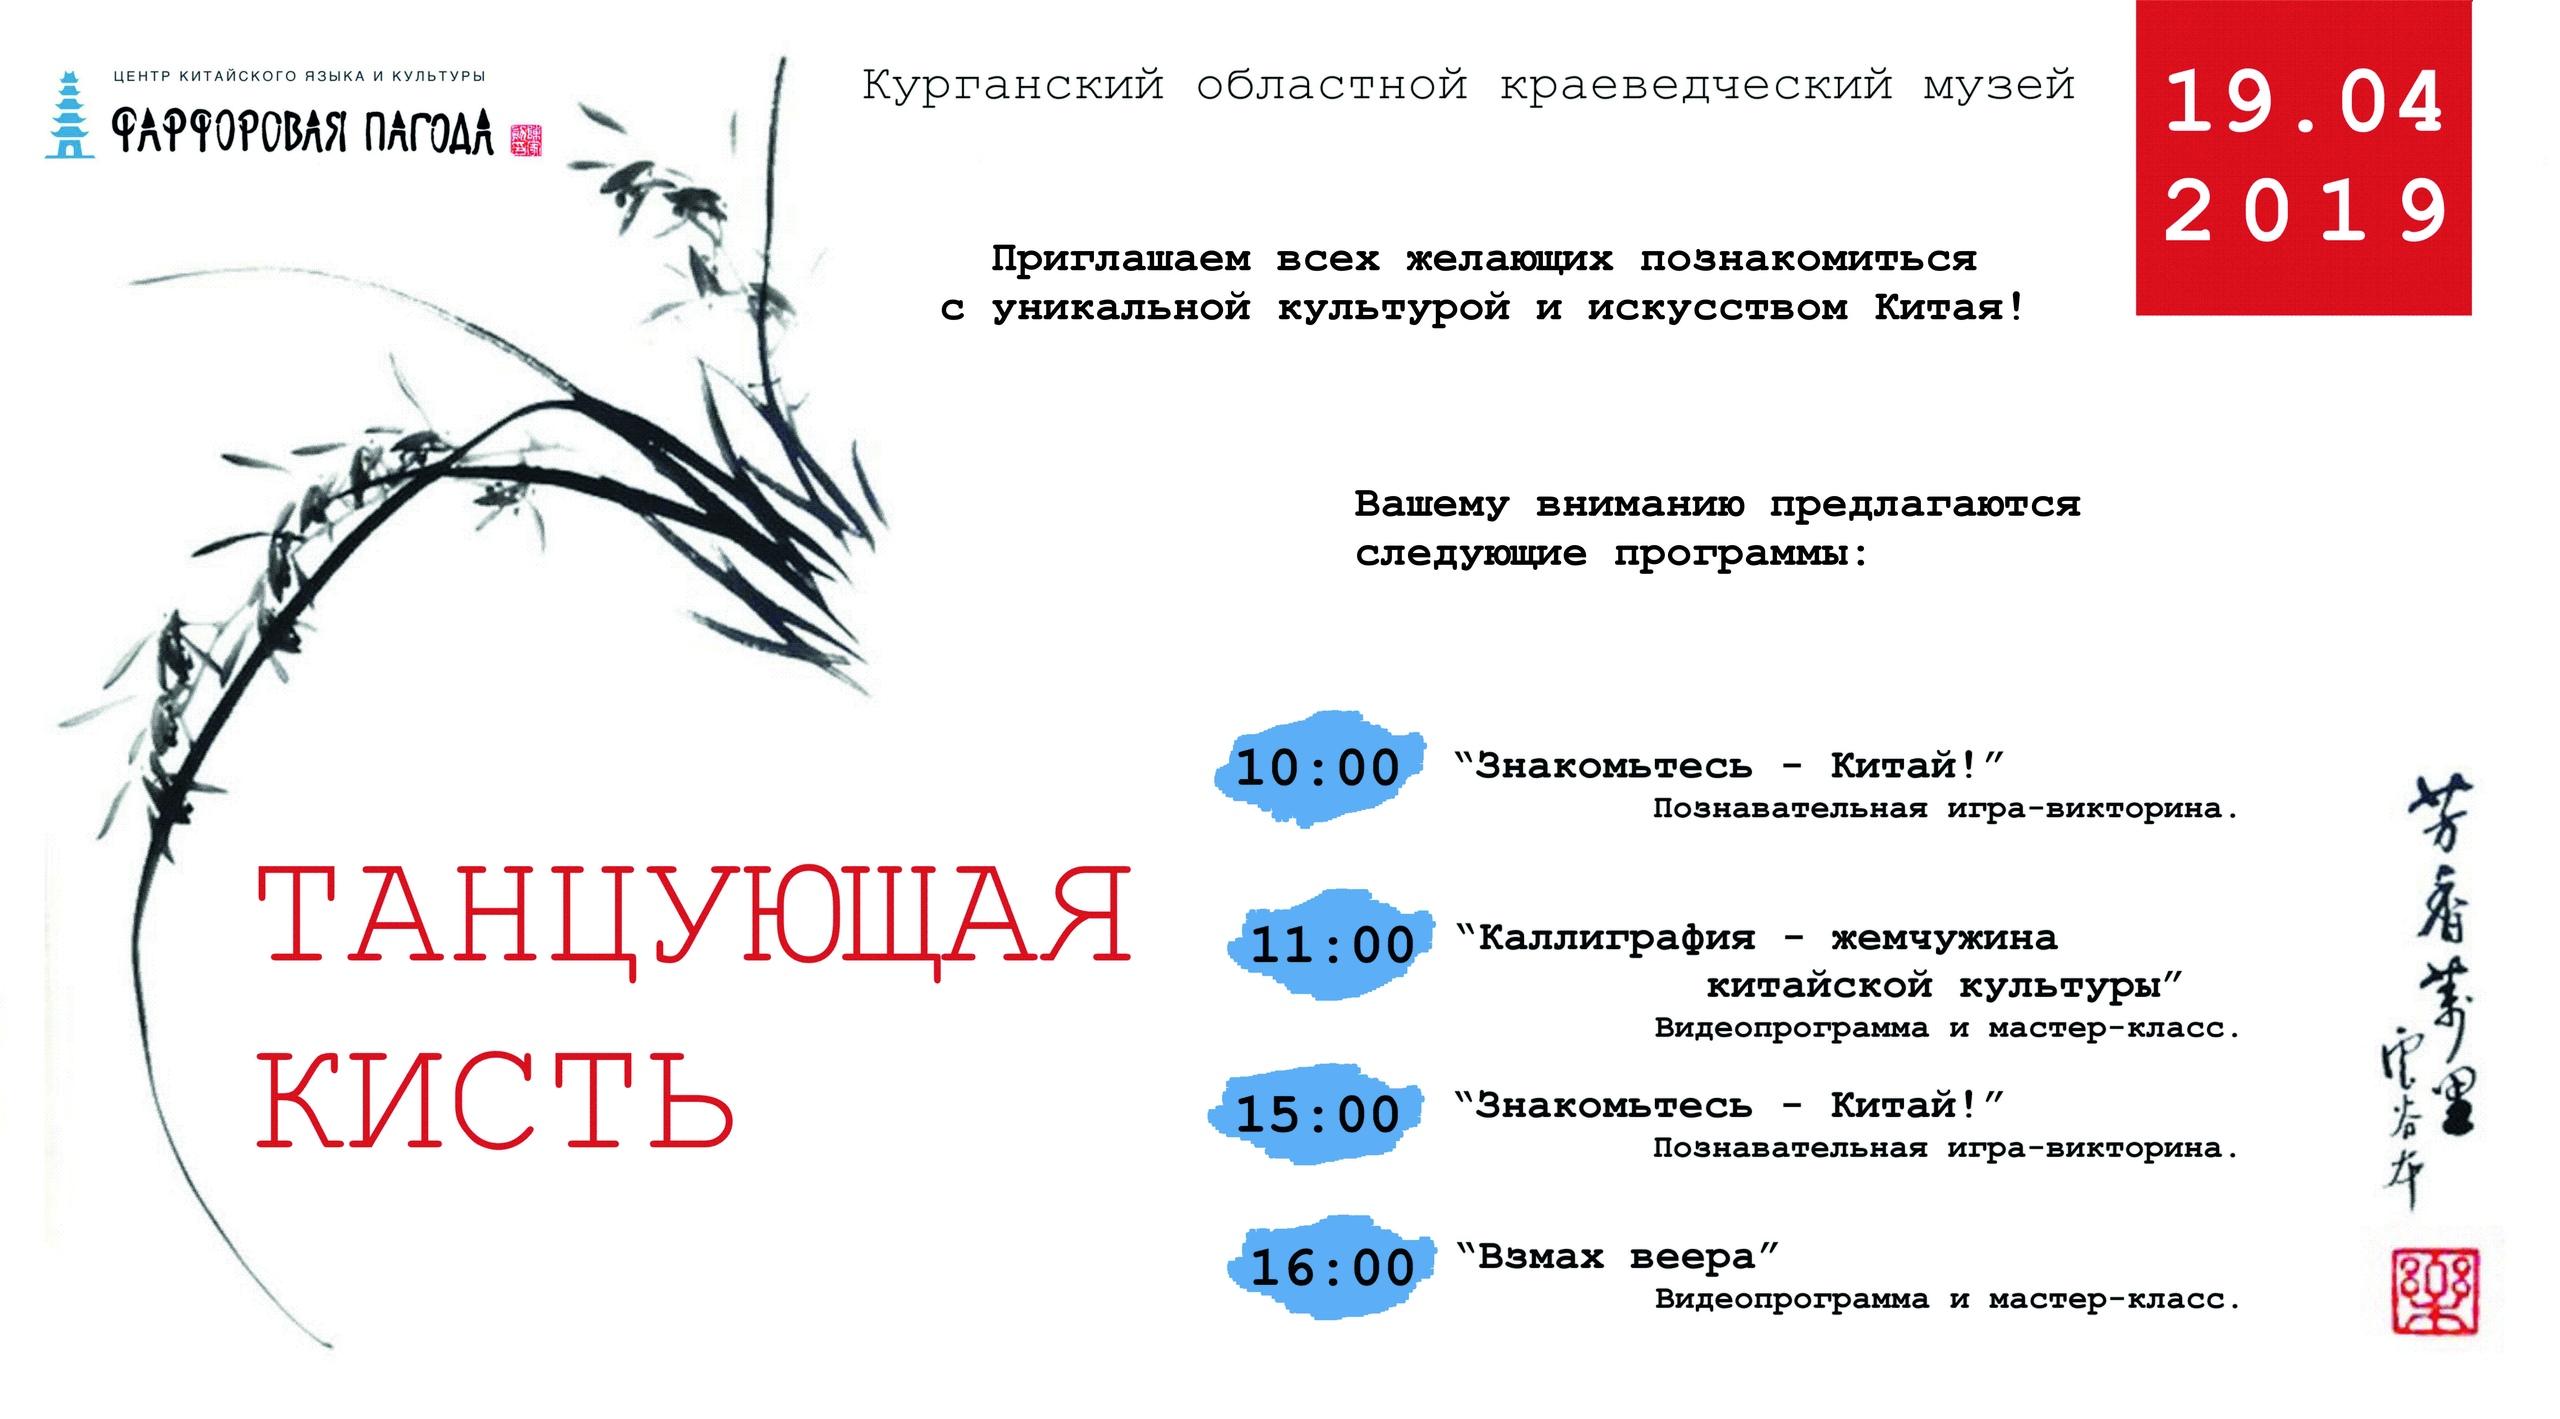 Курганский областной краеведческий музей ТАНЦУЮЩАЯ КИСТЬ курган афиша расписание